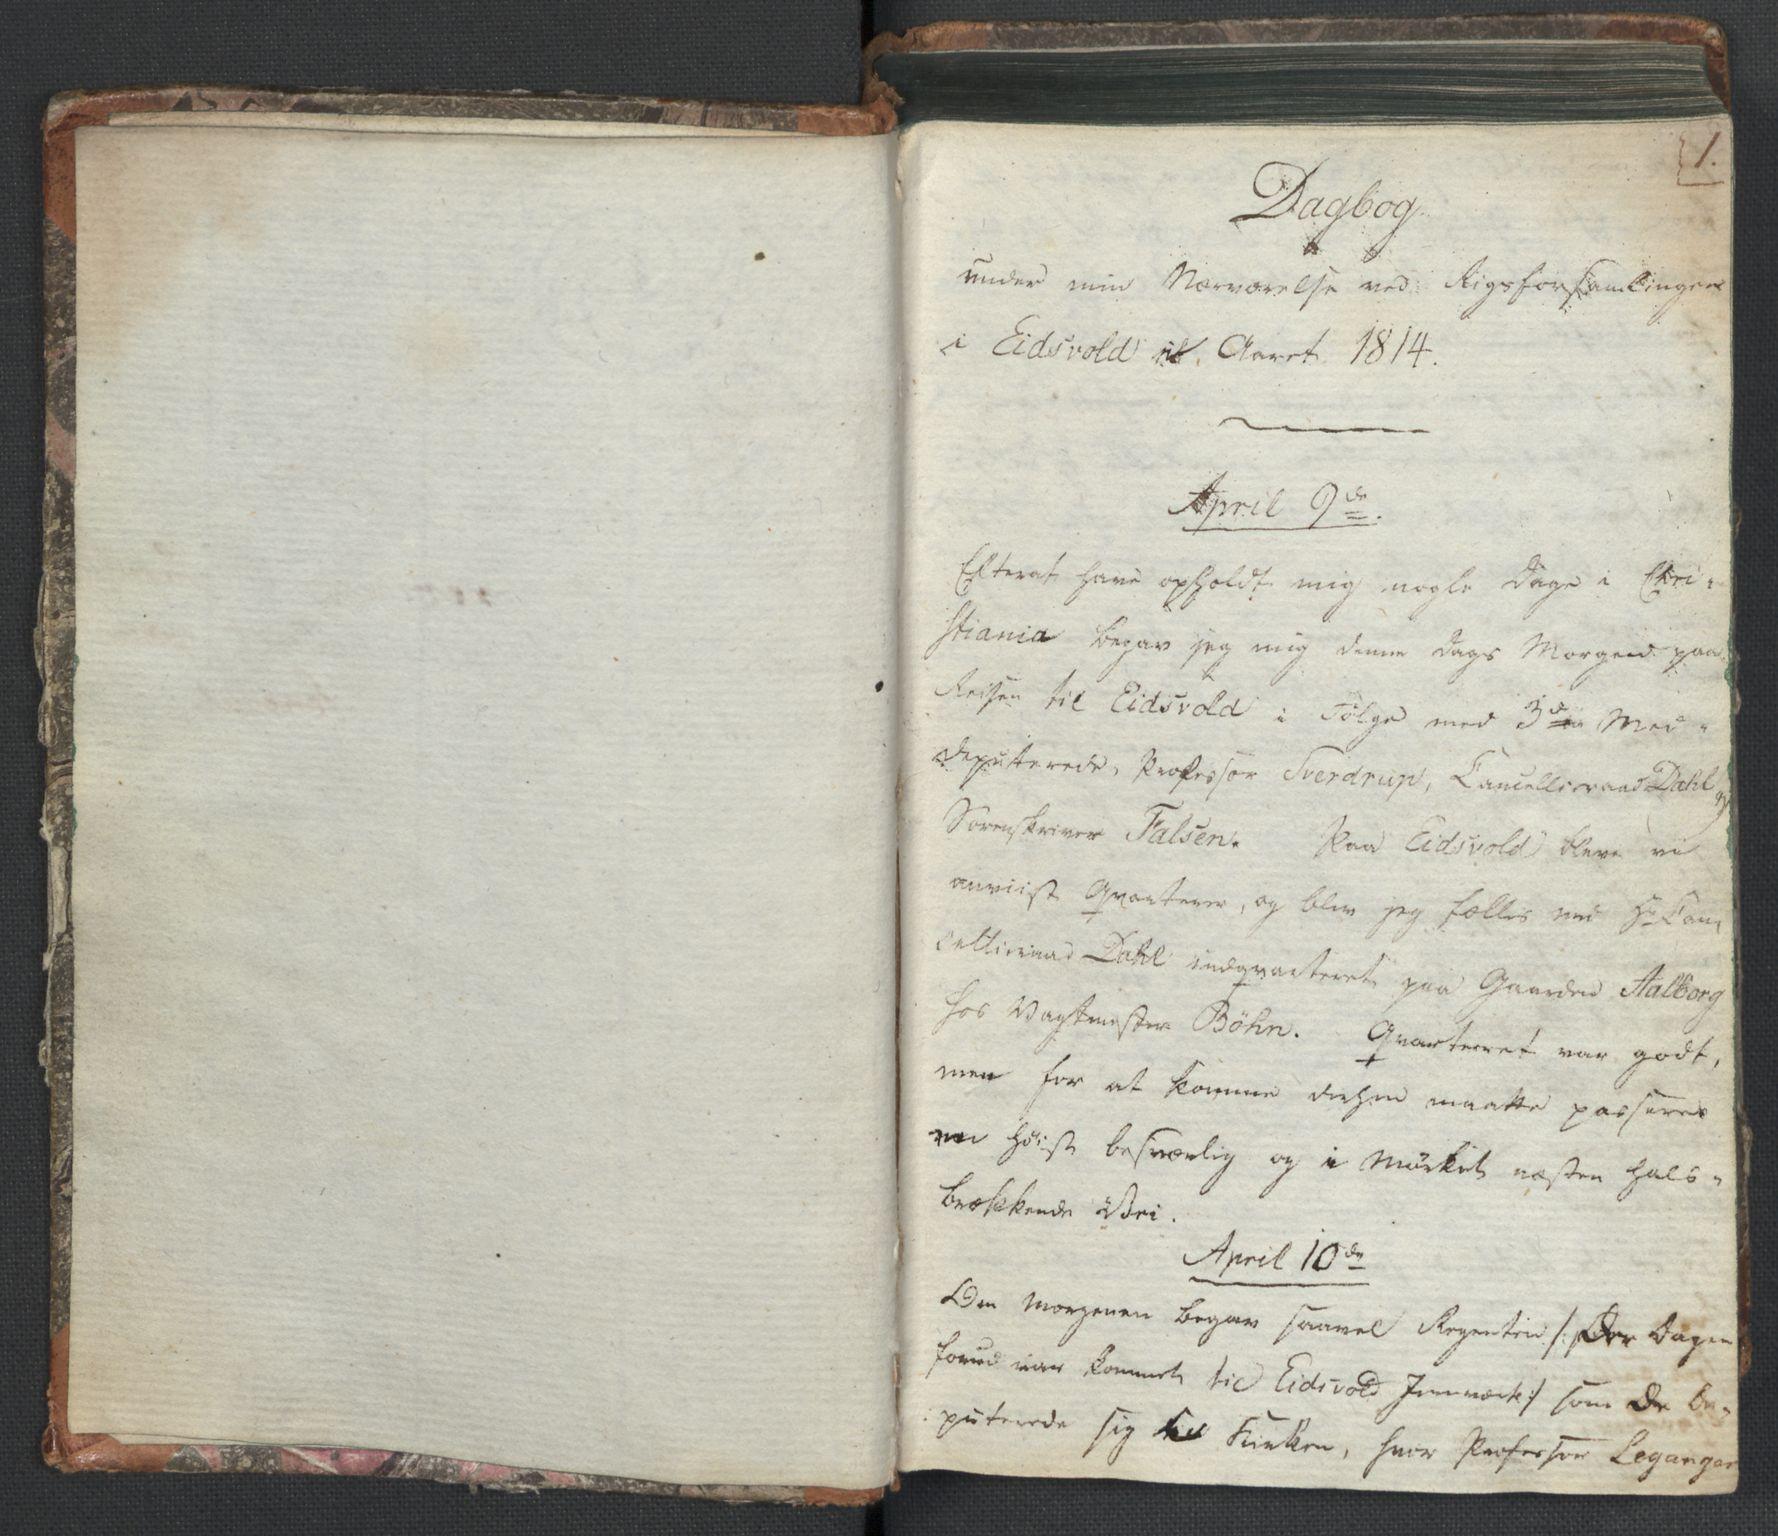 RA, Manuskriptsamlingen, H/L0021: Byfogd Gregers Winther Wulfbergs dagbok under Riksforsamlingen på Eidsvoll, 1814, s. 1